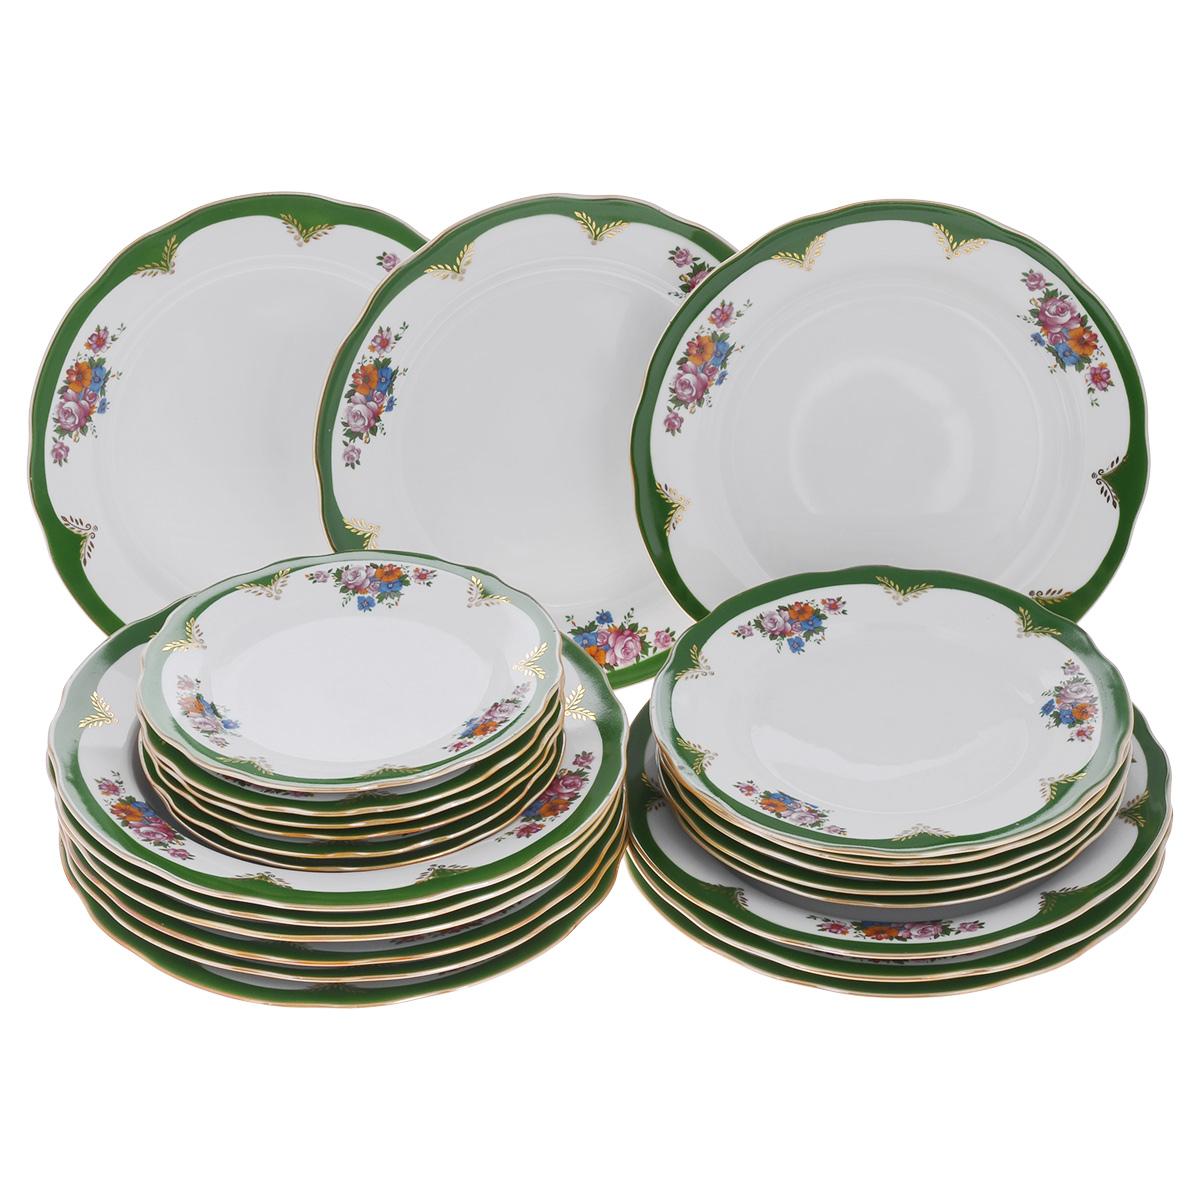 Набор тарелок Дулевский фарфор Воспоминание, 24 штС261Набор Дулевский фарфор Воспоминание состоит из 24 тарелок разного диаметра - 6 блюдец, 6 десертных тарелок, 6 суповых тарелок и 6 обеденных тарелок. Изделия выполнены из минерального, экологически чистого сырья - фарфора, покрытого высококачественной глазурью. Изделия украшены золотистой эмалью и изысканным цветочным орнаментом, который отличается невероятной красотой и качеством прорисовки. Края посуды гладкие, слегка волнистые, с золотистой каймой. Такой набор станет изысканным украшением стола. Качество исполнения и роскошный дизайн сделают его замечательным подарком. Завод Дулевский фарфор основан в 1832 году и является крупнейшим фарфоровым предприятием в России. Продукция завода является украшением многих музеев и пользуется спросом у коллекционеров всего мира. Предприятие отличает огромный исторический опыт, широкая география поставок, разнообразие производимого фарфора. Диаметр блюдца: 17,5 см. Диаметр десертной тарелки: 20 см. ...